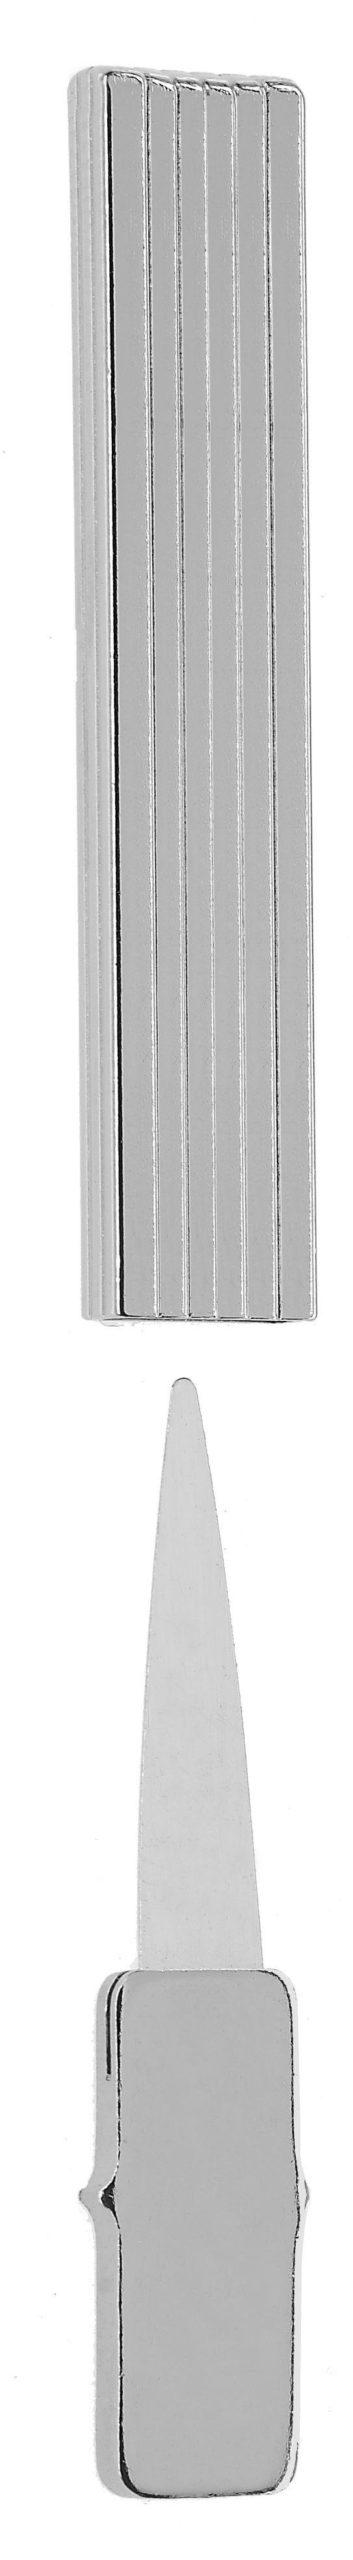 Silberblattzahnstocher mit Deckel